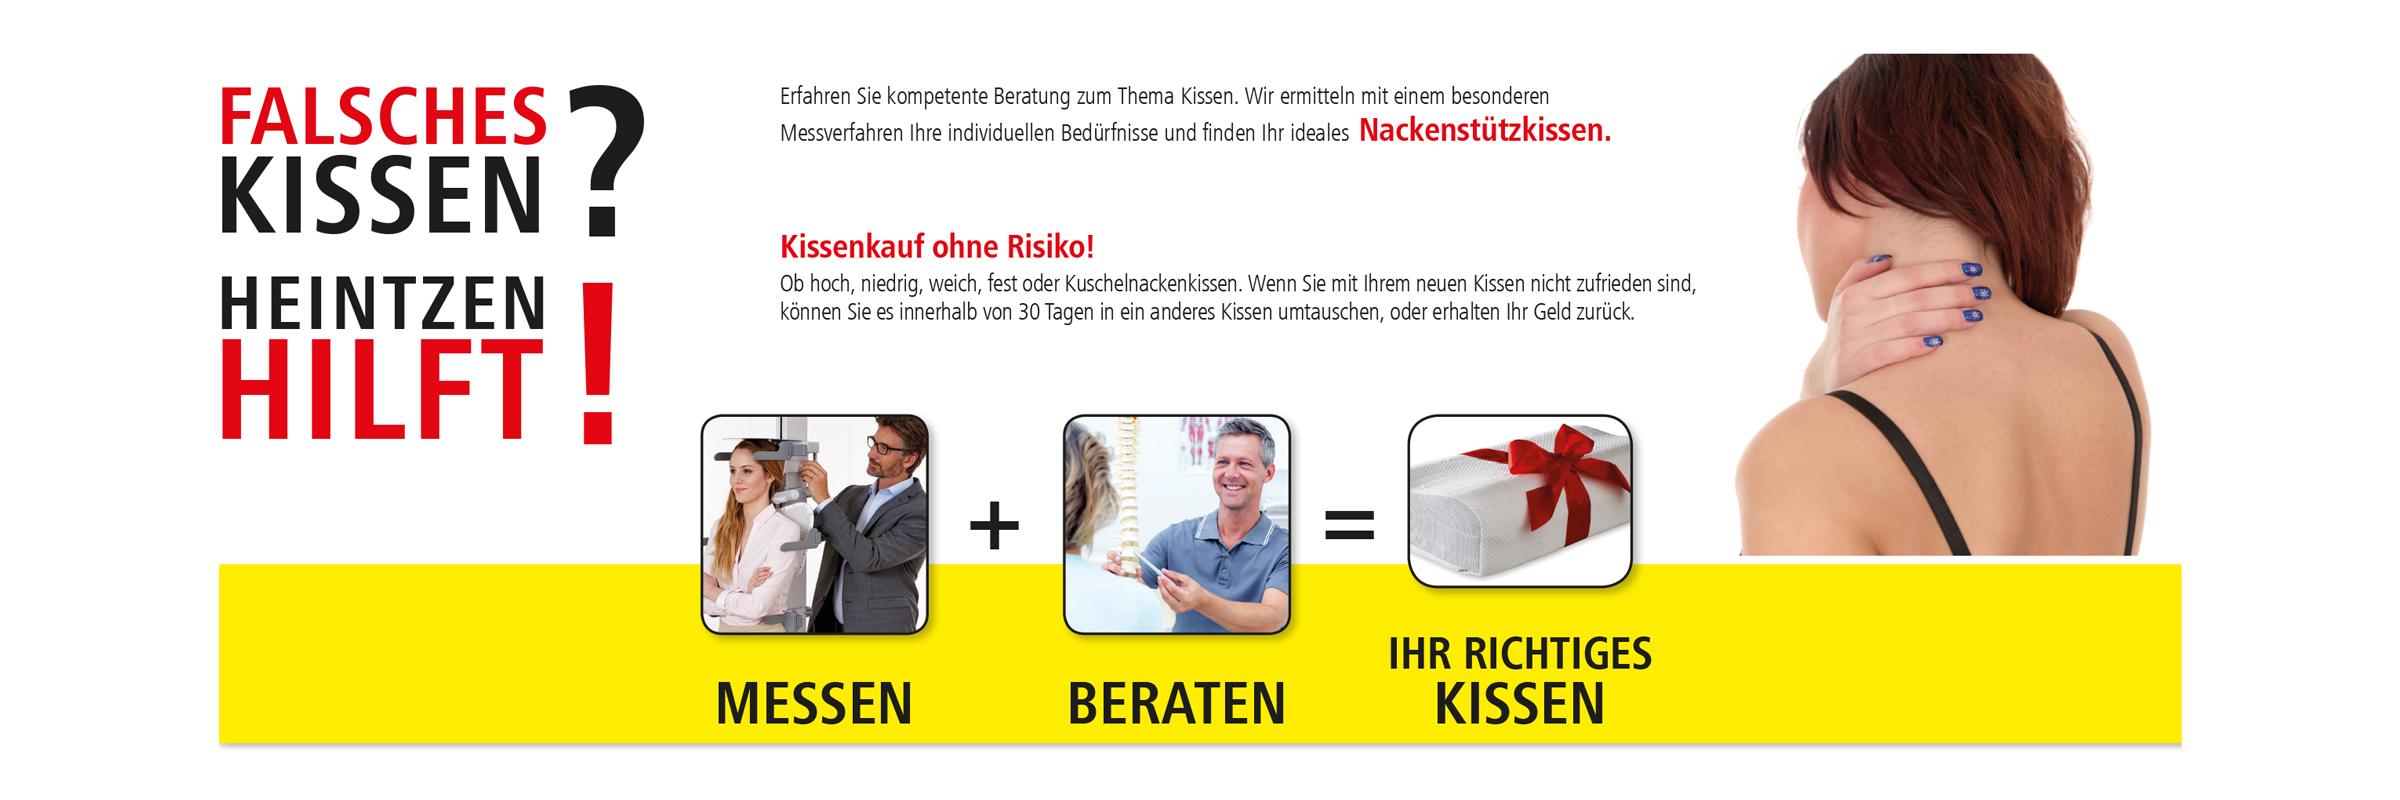 slider_falsches-kissen_111.10.17_2400x800